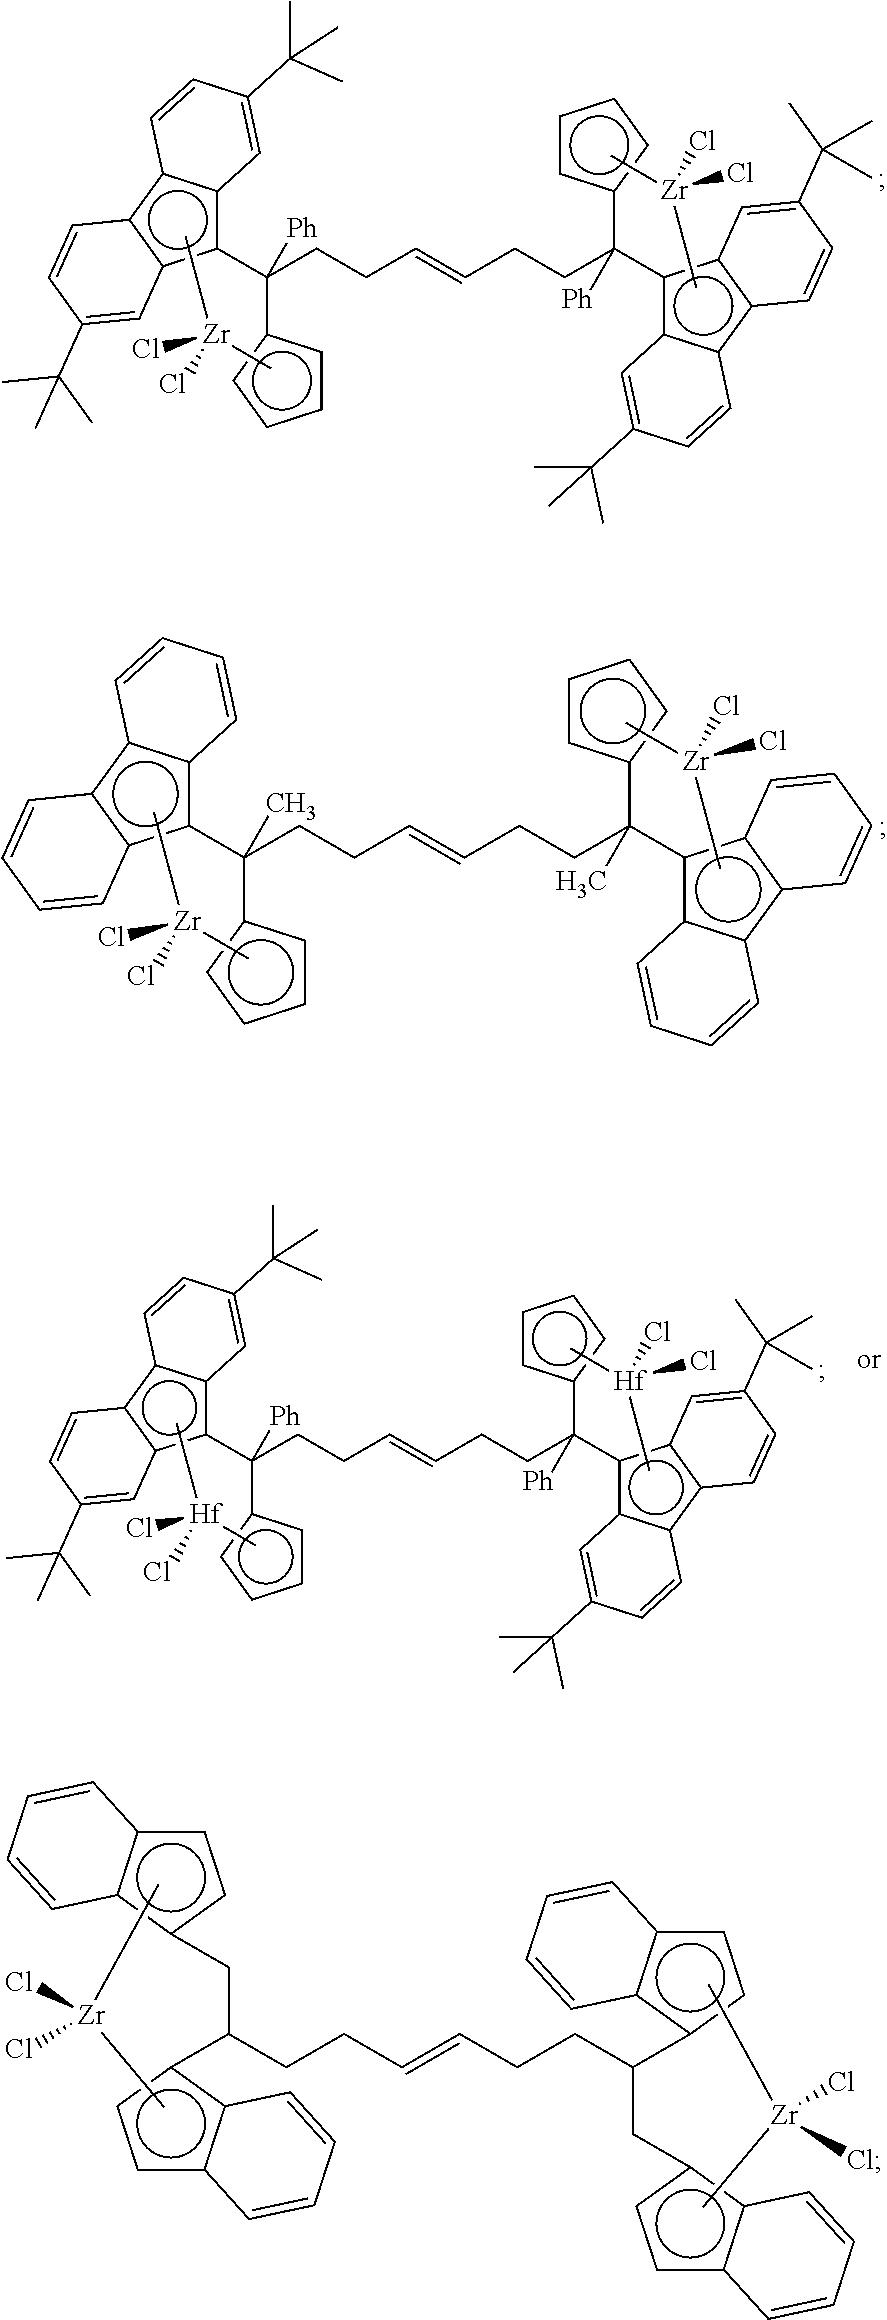 Figure US08329833-20121211-C00005